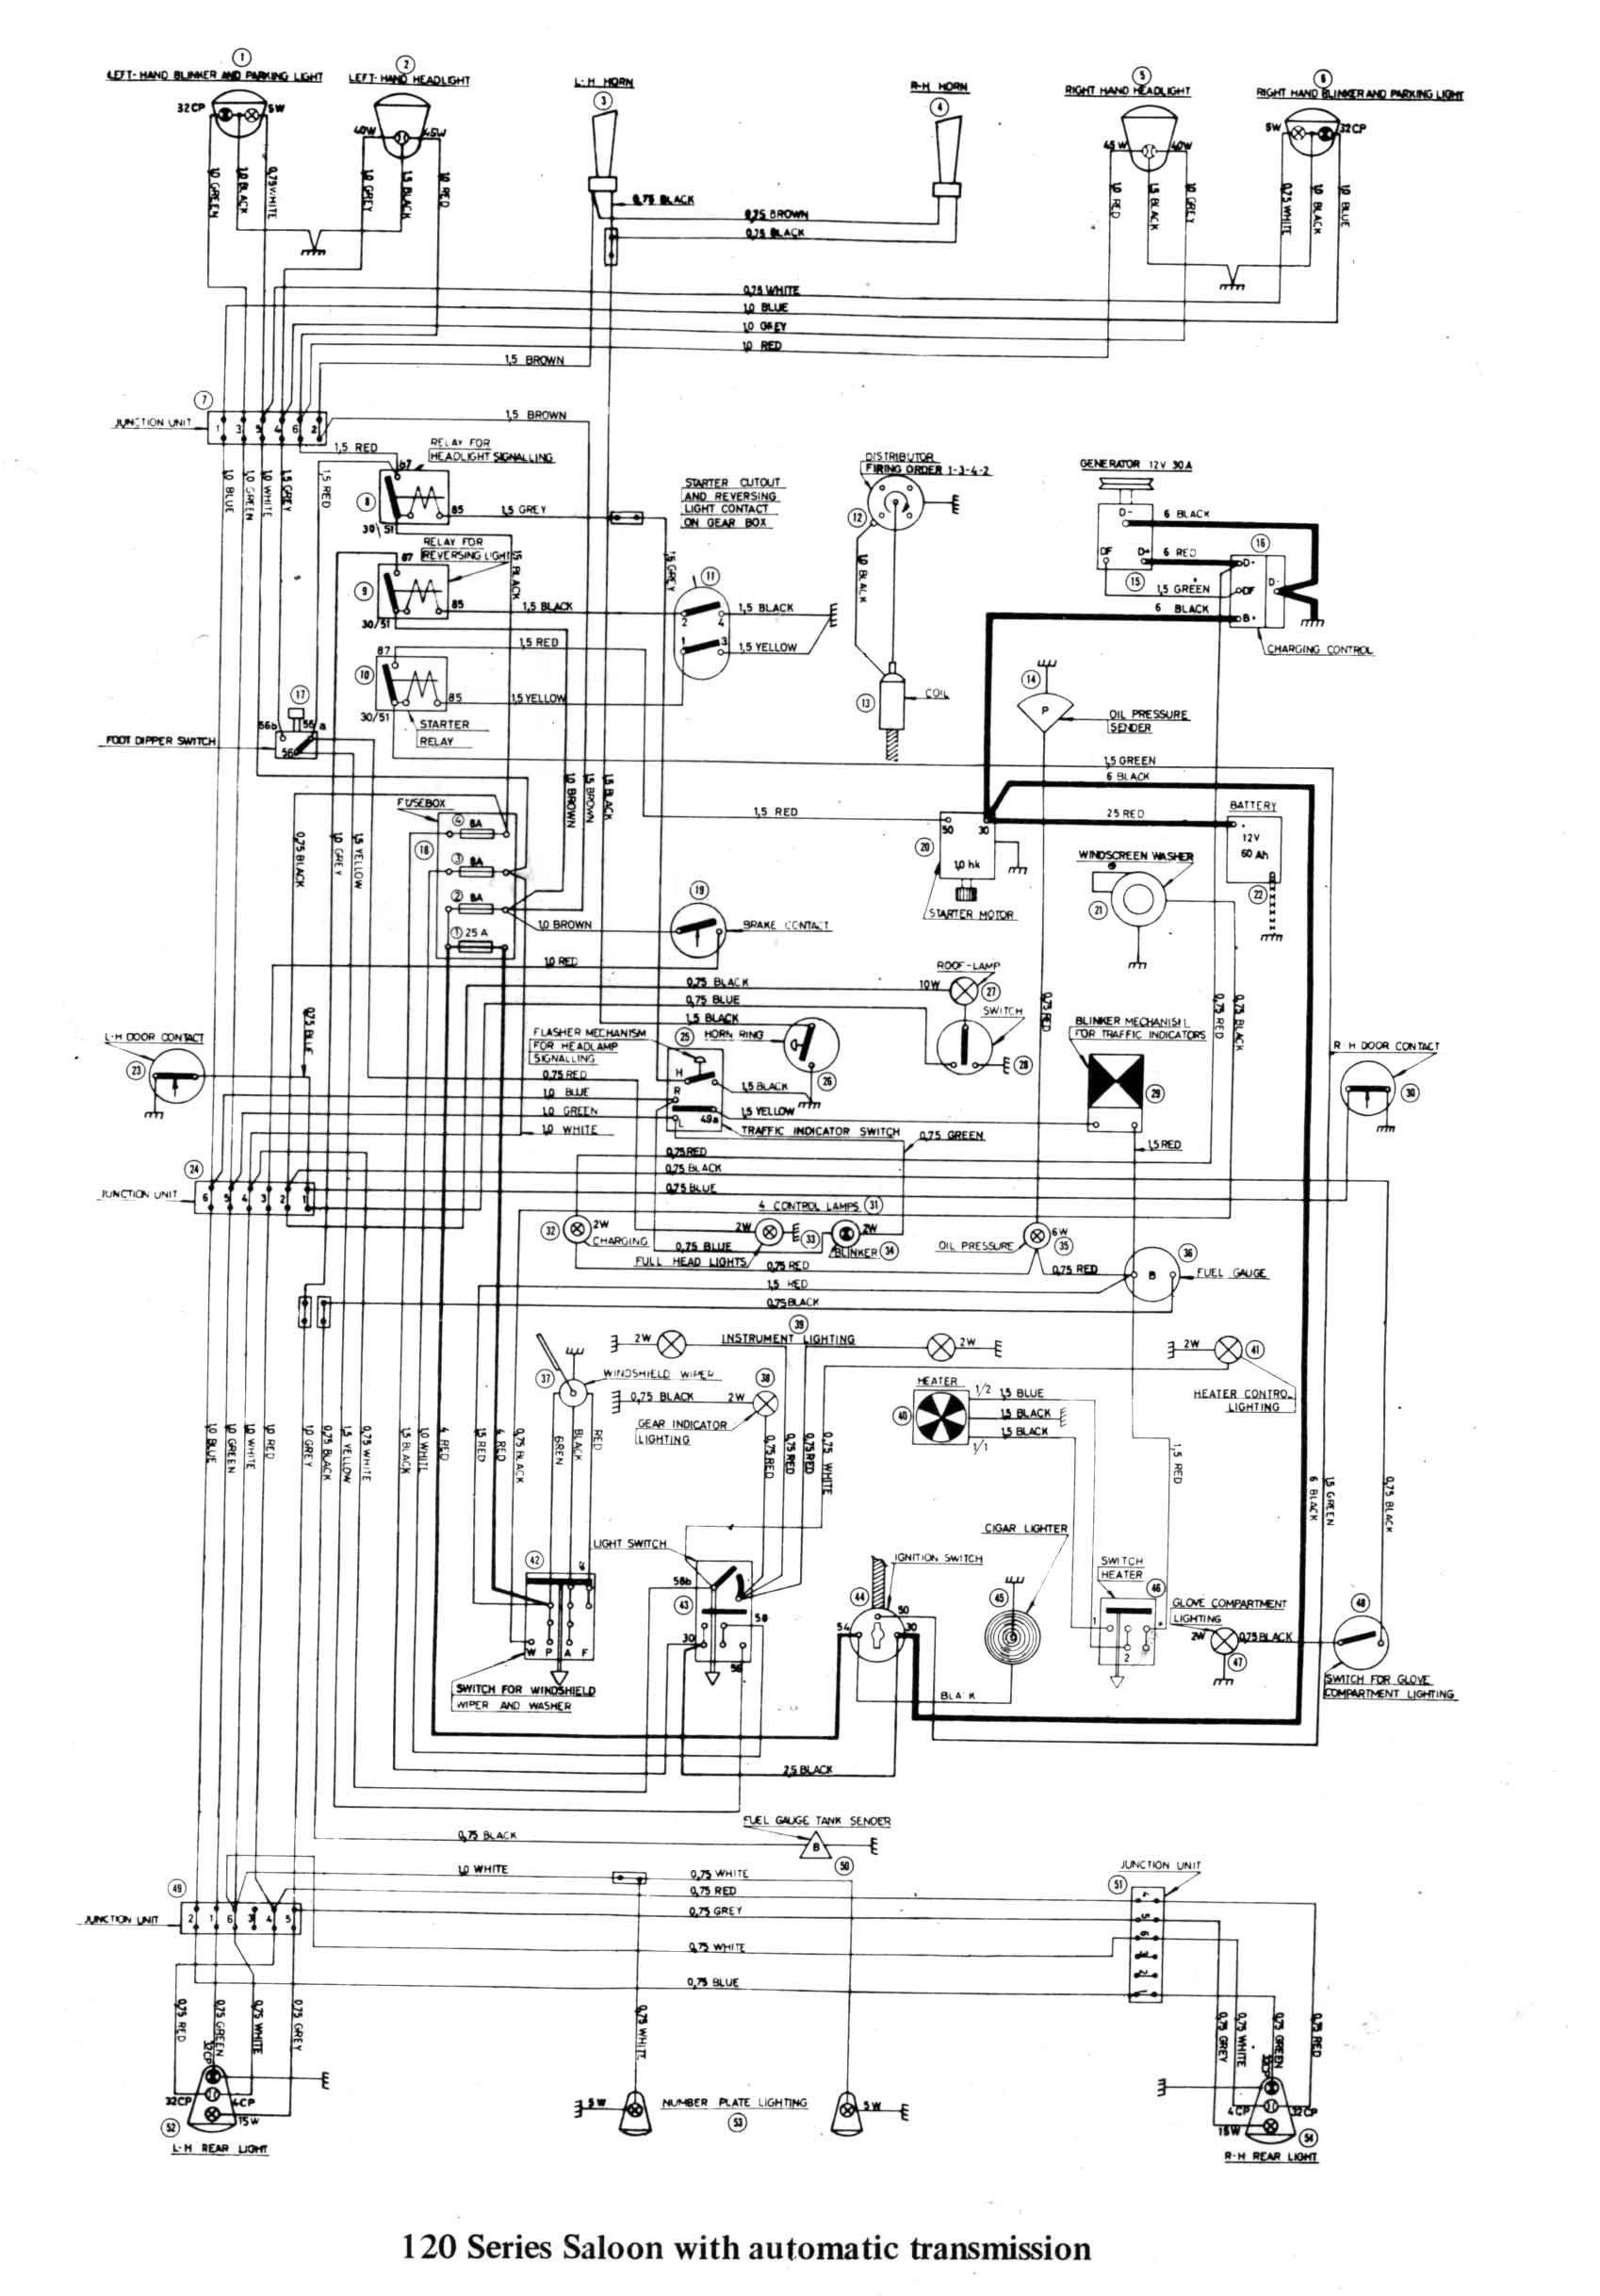 [NRIO_4796]   AF0 Chevy Colorado Brake Light Wiring Diagram | Wiring Library | Chevrolet Colorado Fog Light Wiring Diagram Free Download |  | Wiring Library